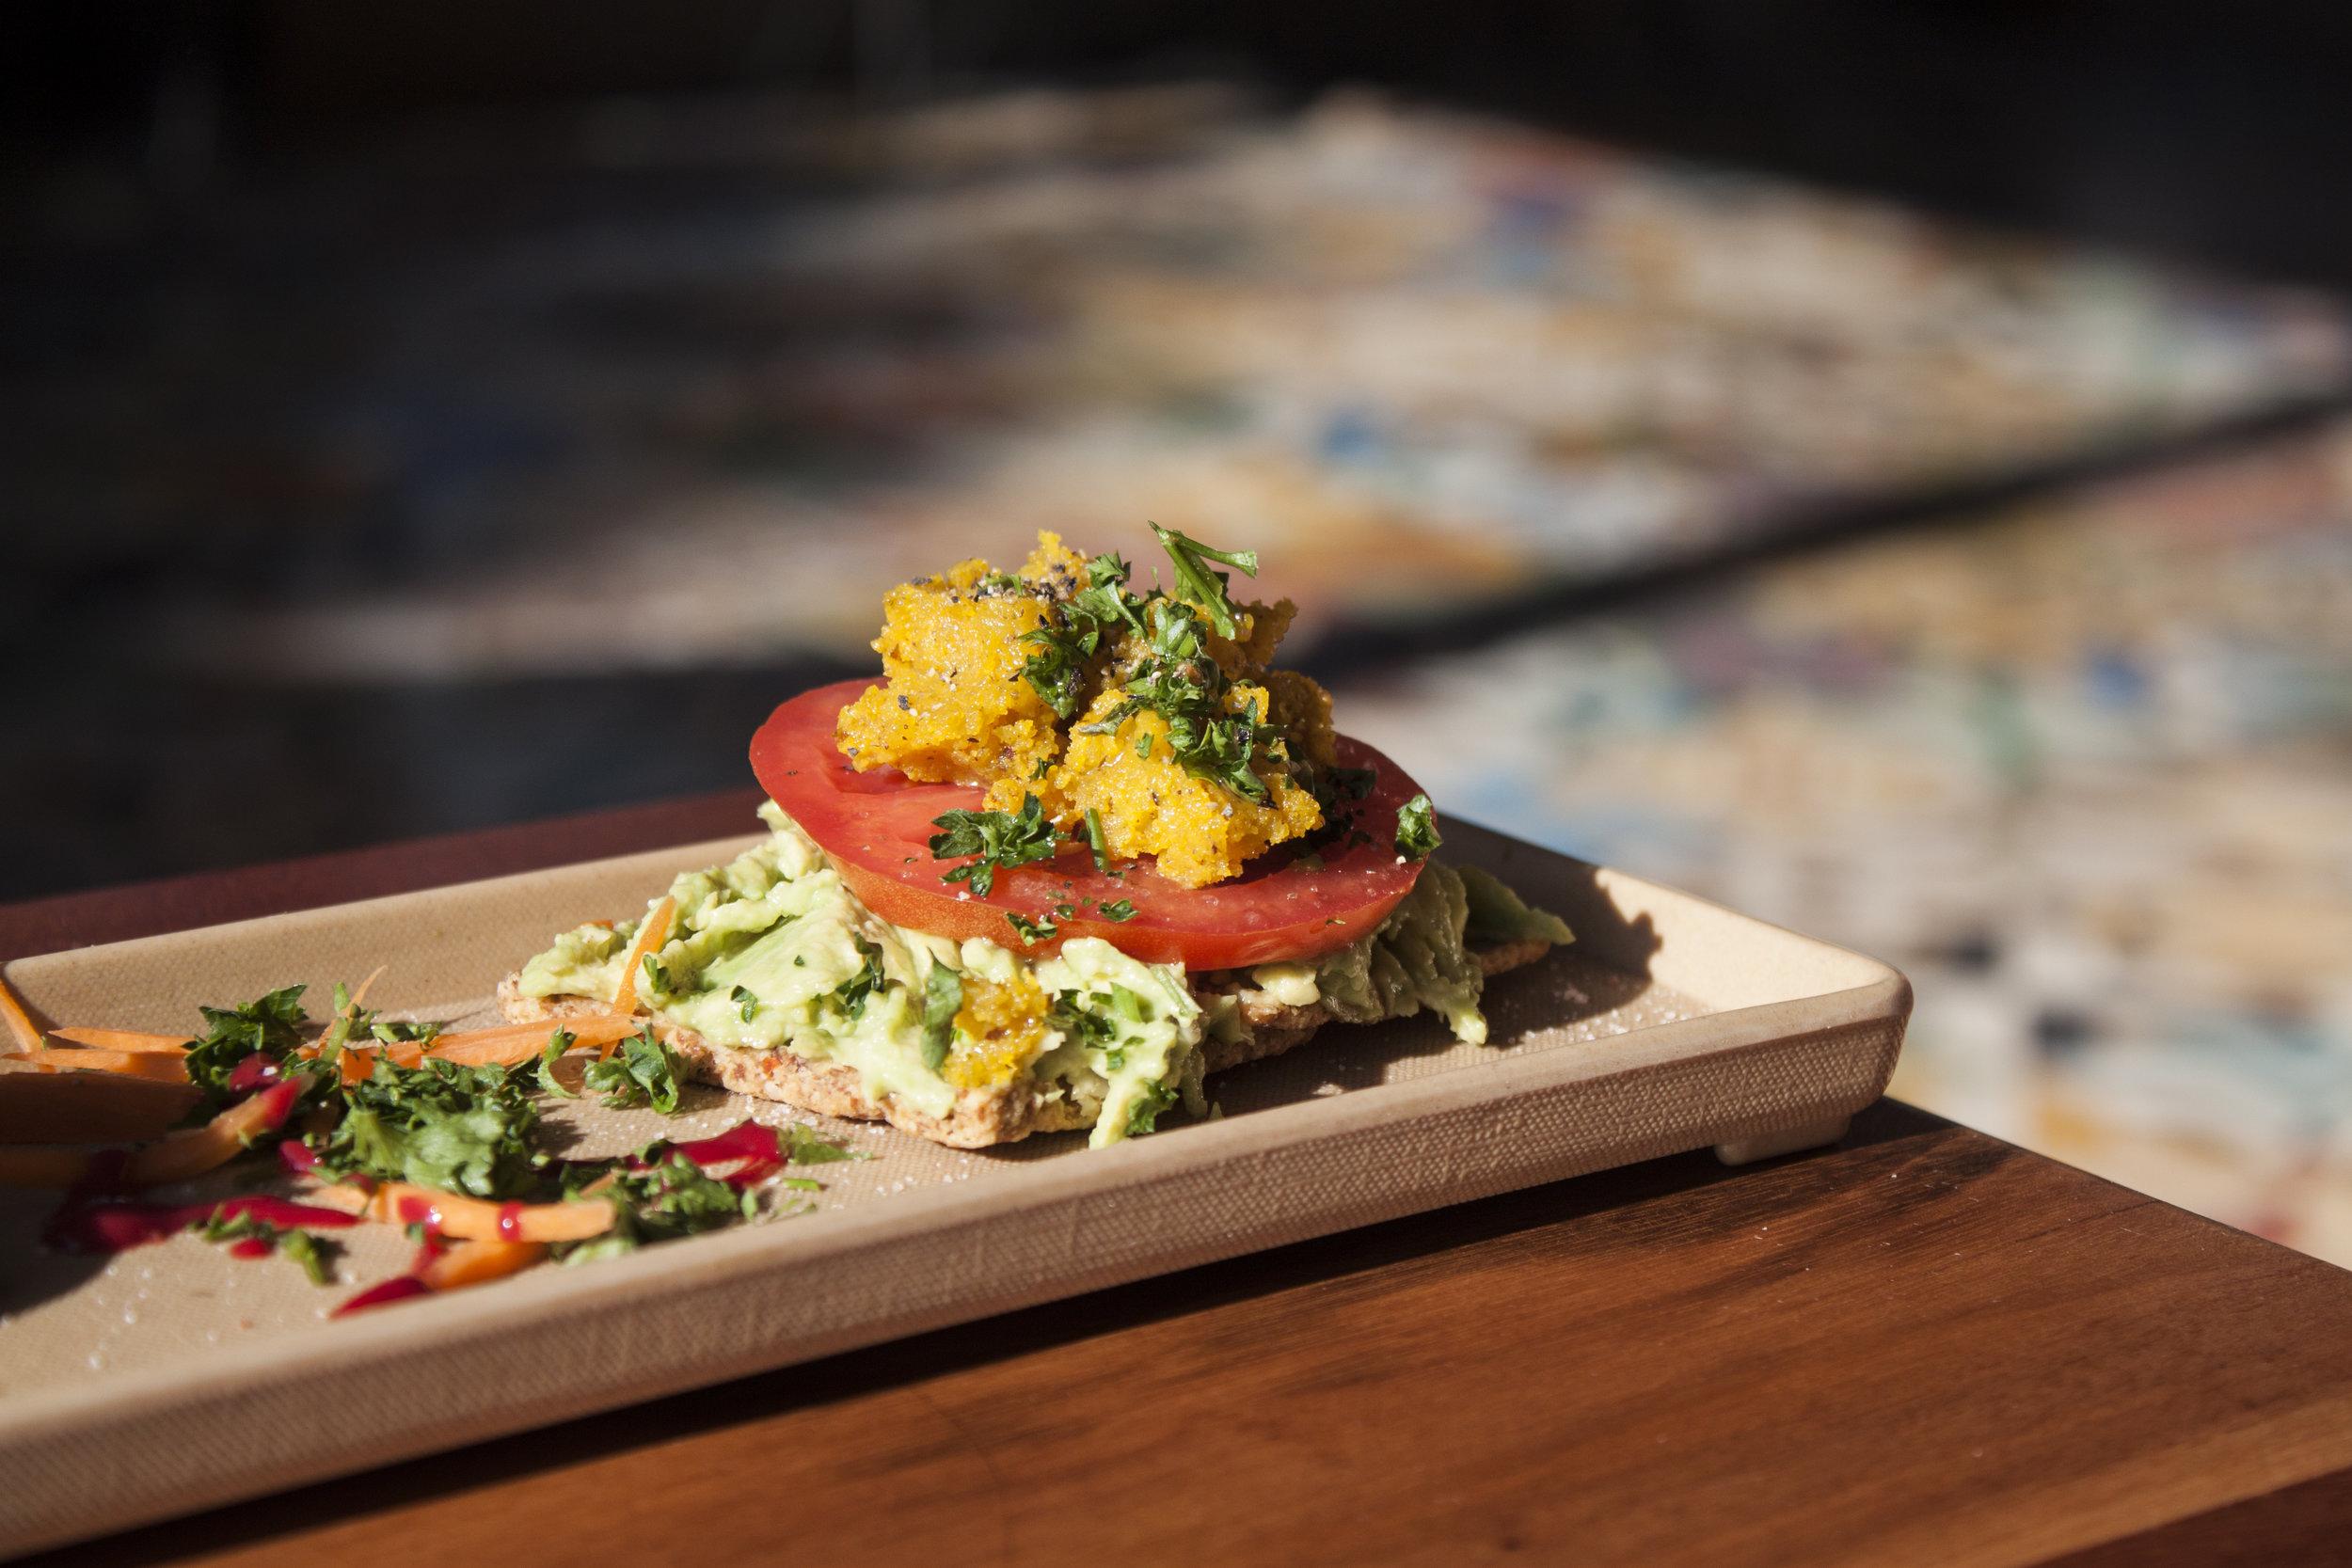 Wild Living Foods located in Downtown is one of the best vegan restaurants in LA. Vegan avocado toast